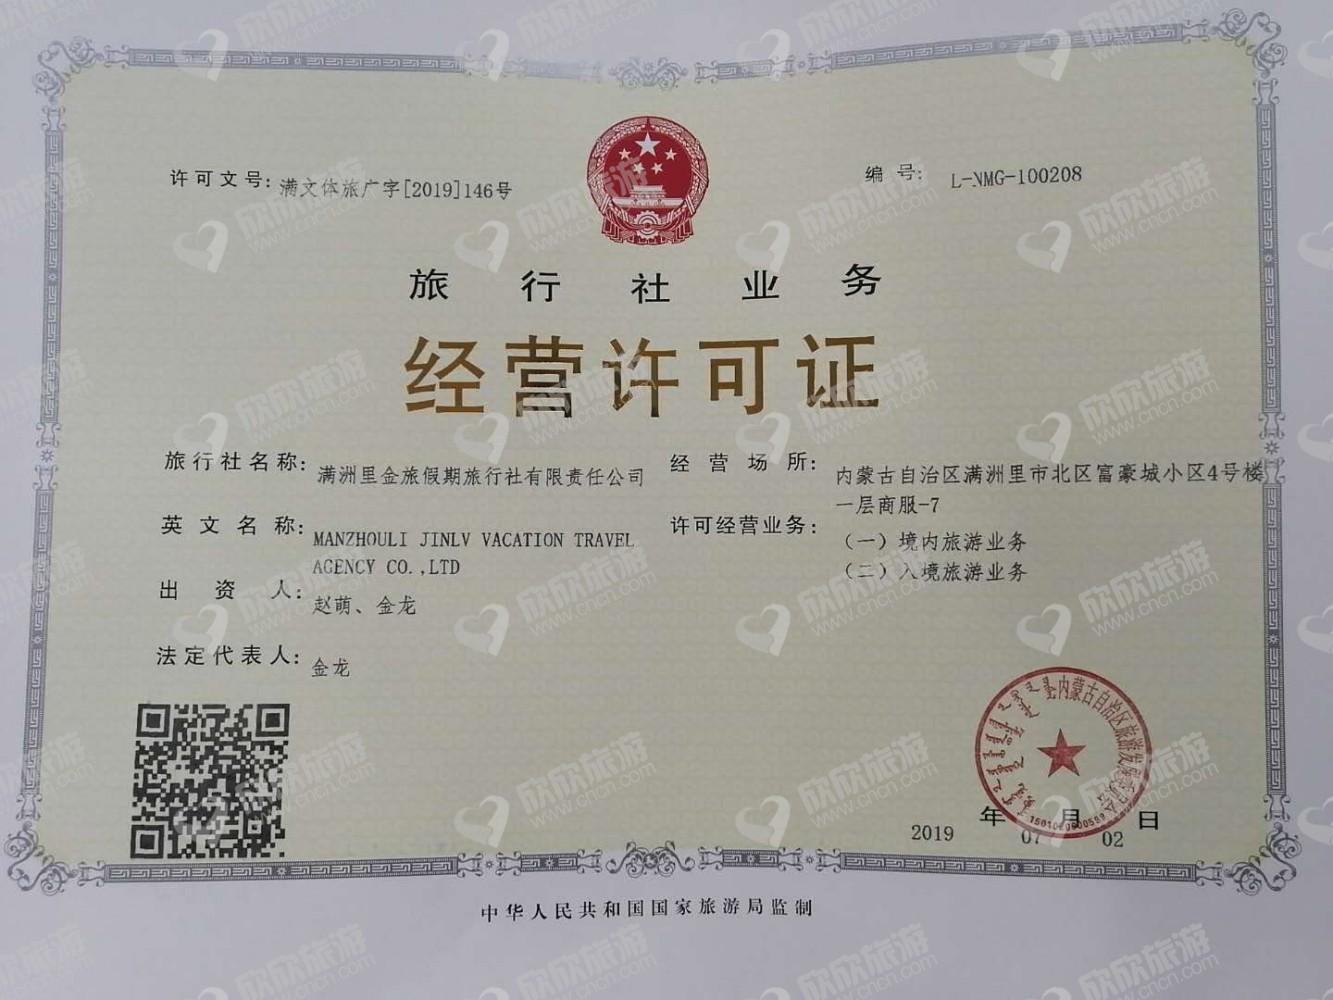 满洲里金旅假期旅行社有限责任公司经营许可证